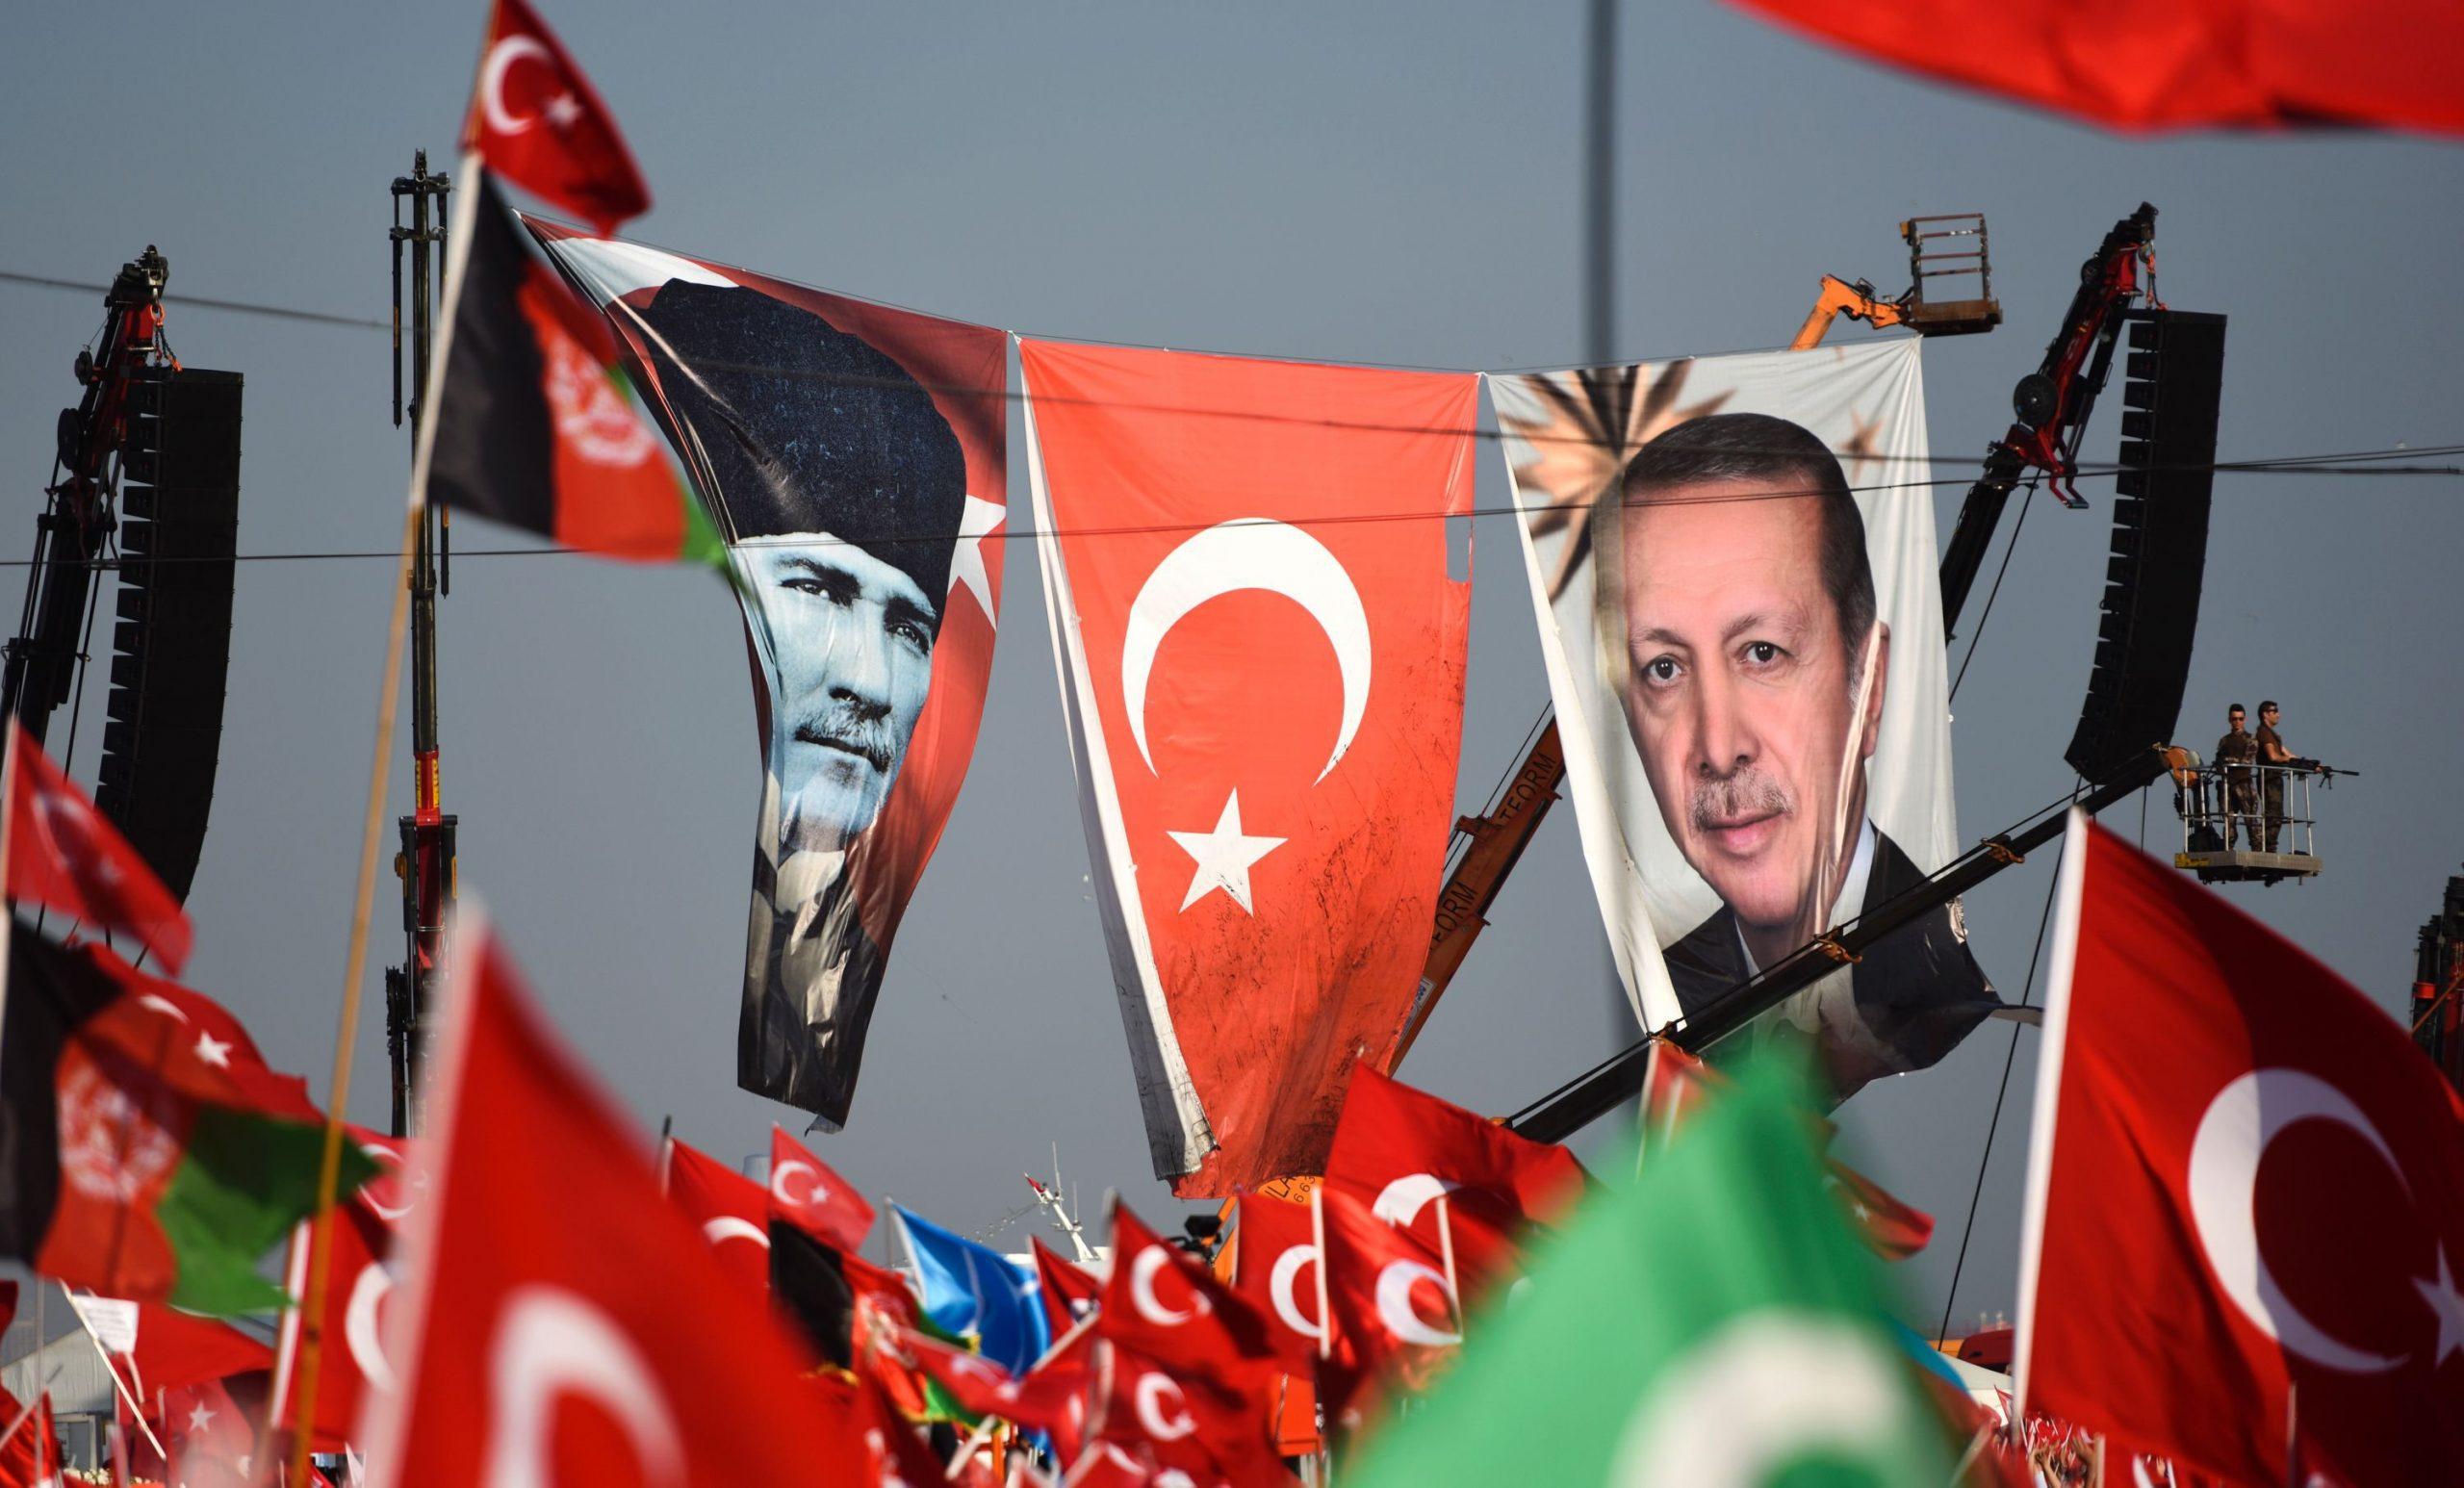 Kεμαλισμός και ισλαμο-οθωμανισμός του Ερντογάν